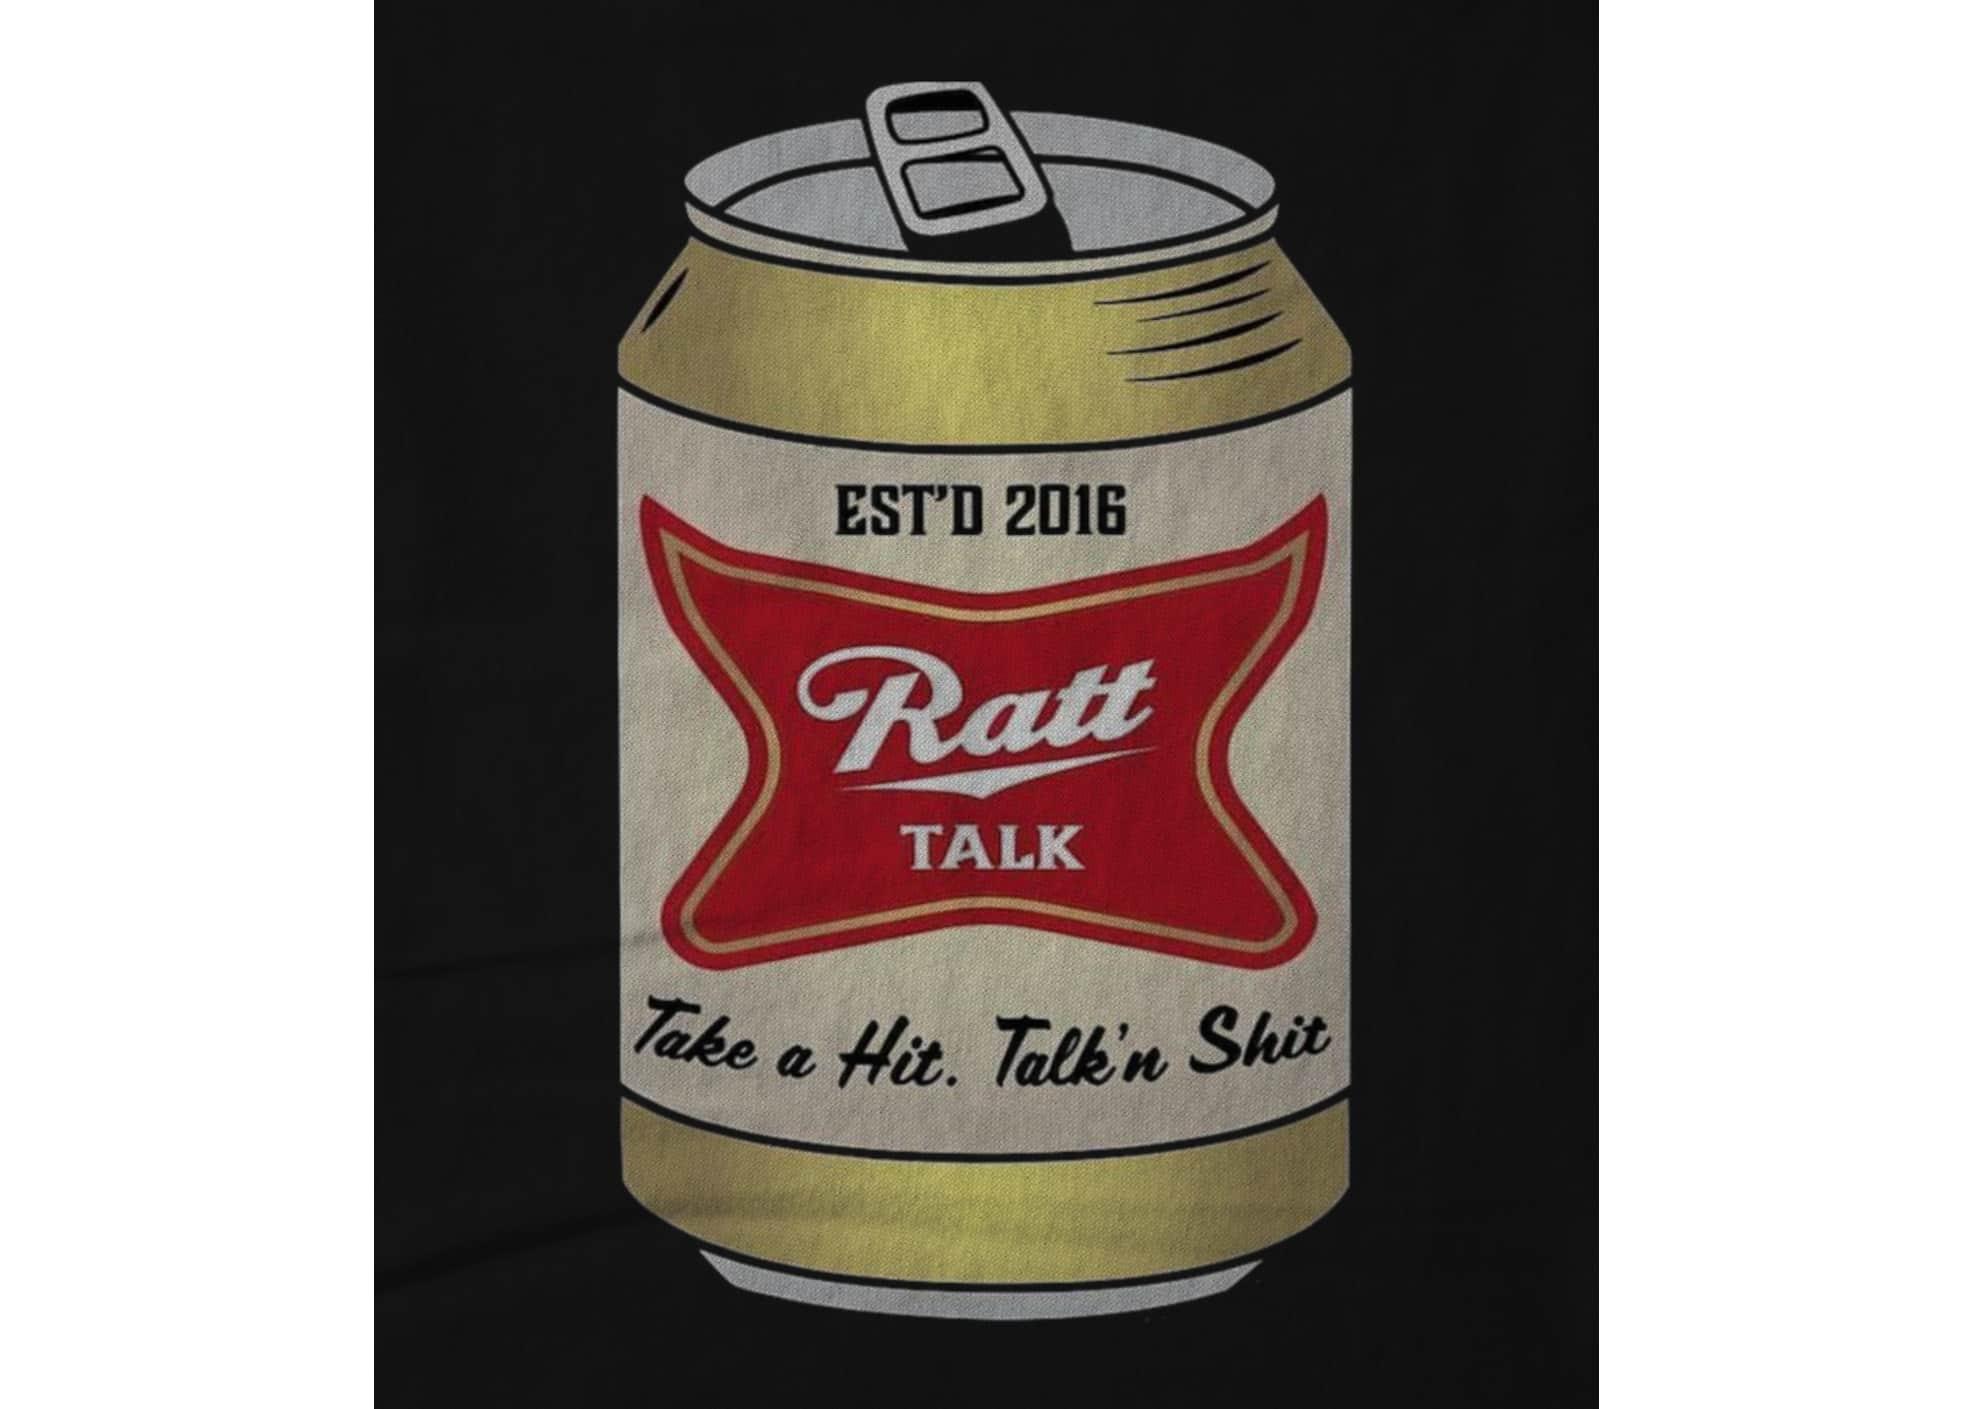 Ratt talk beer logo 1603980250